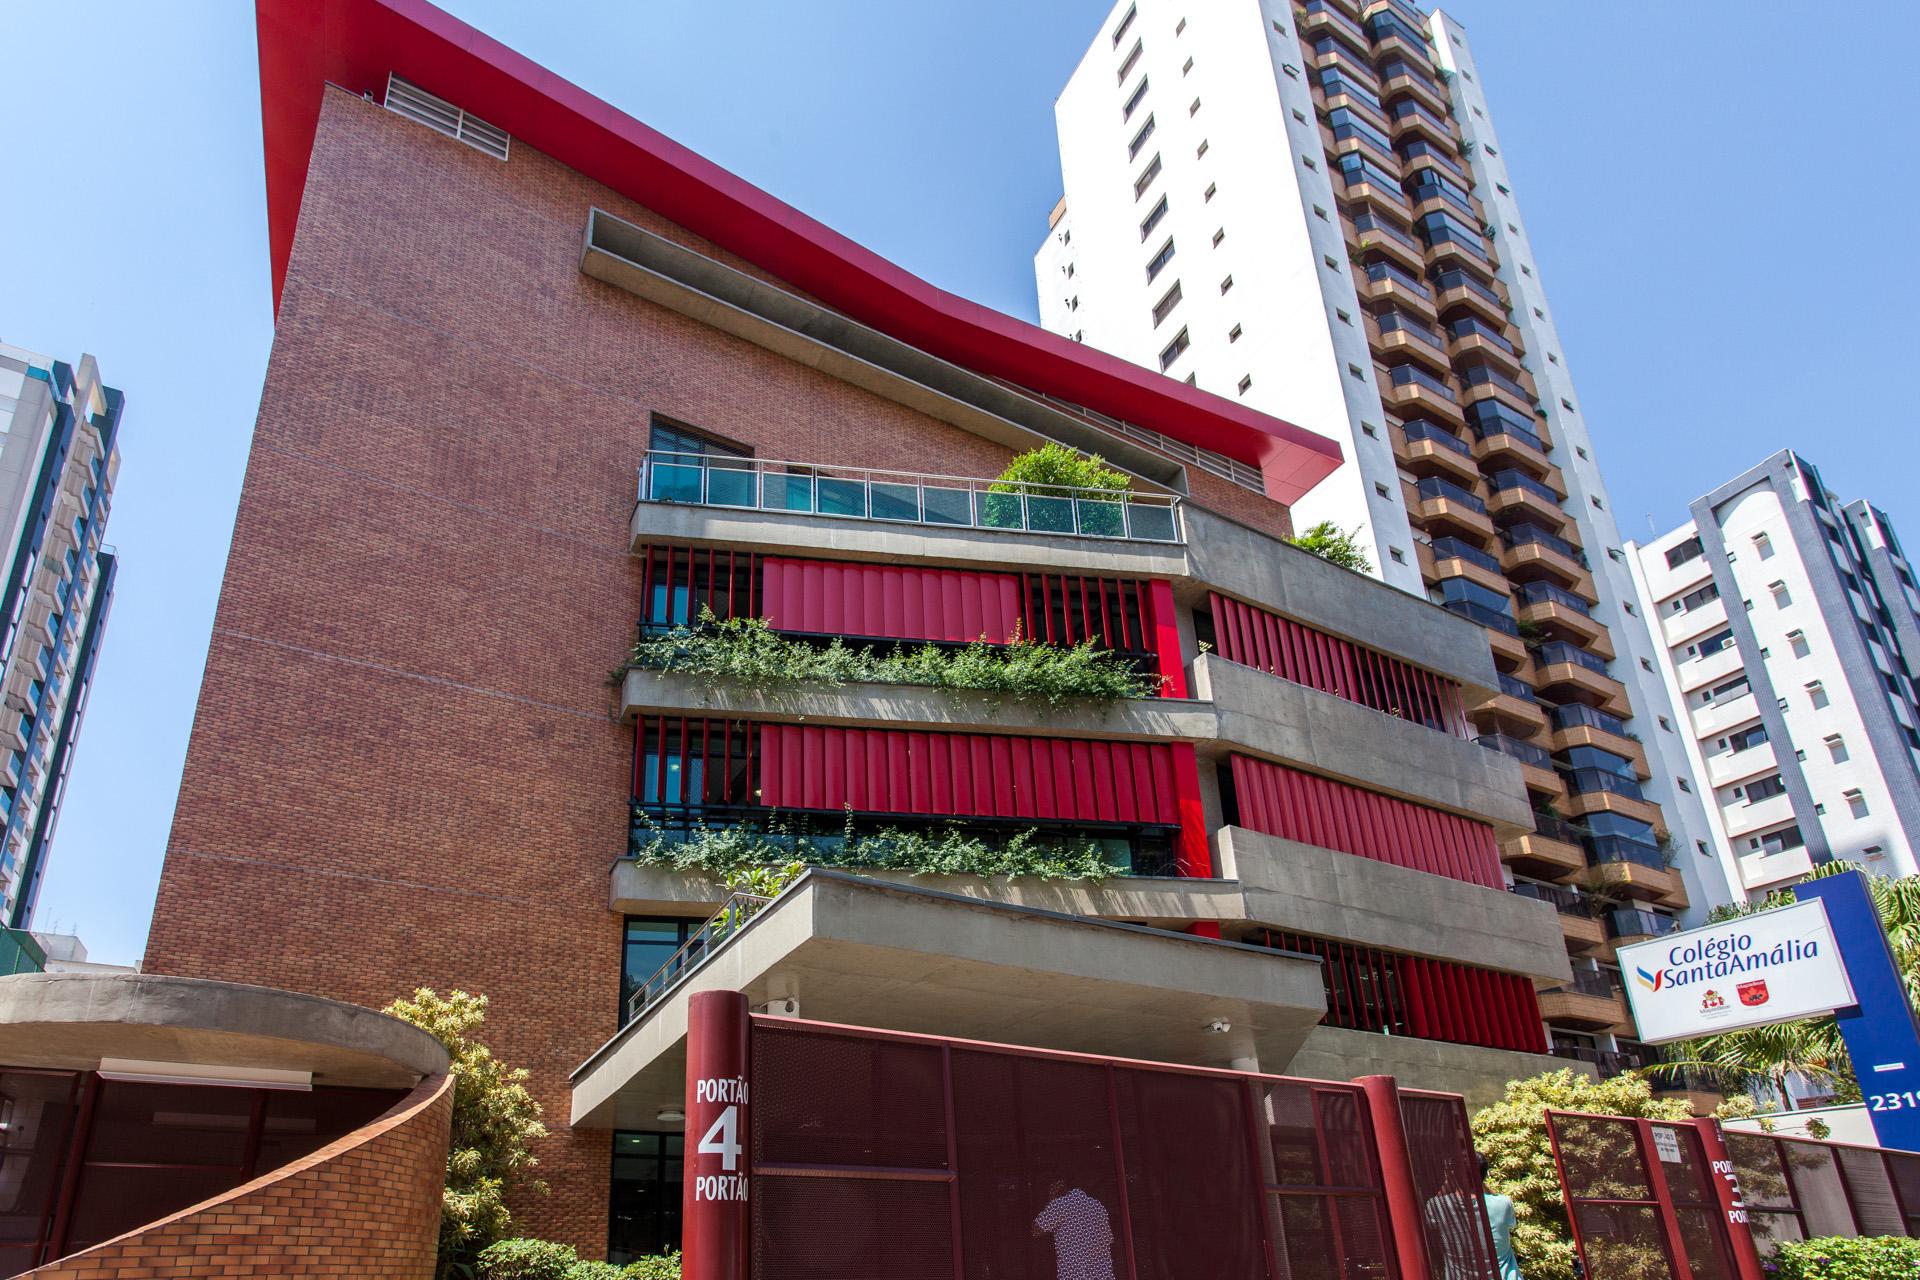 01_ColegioSantaAmalia_PauloSophia.jpg